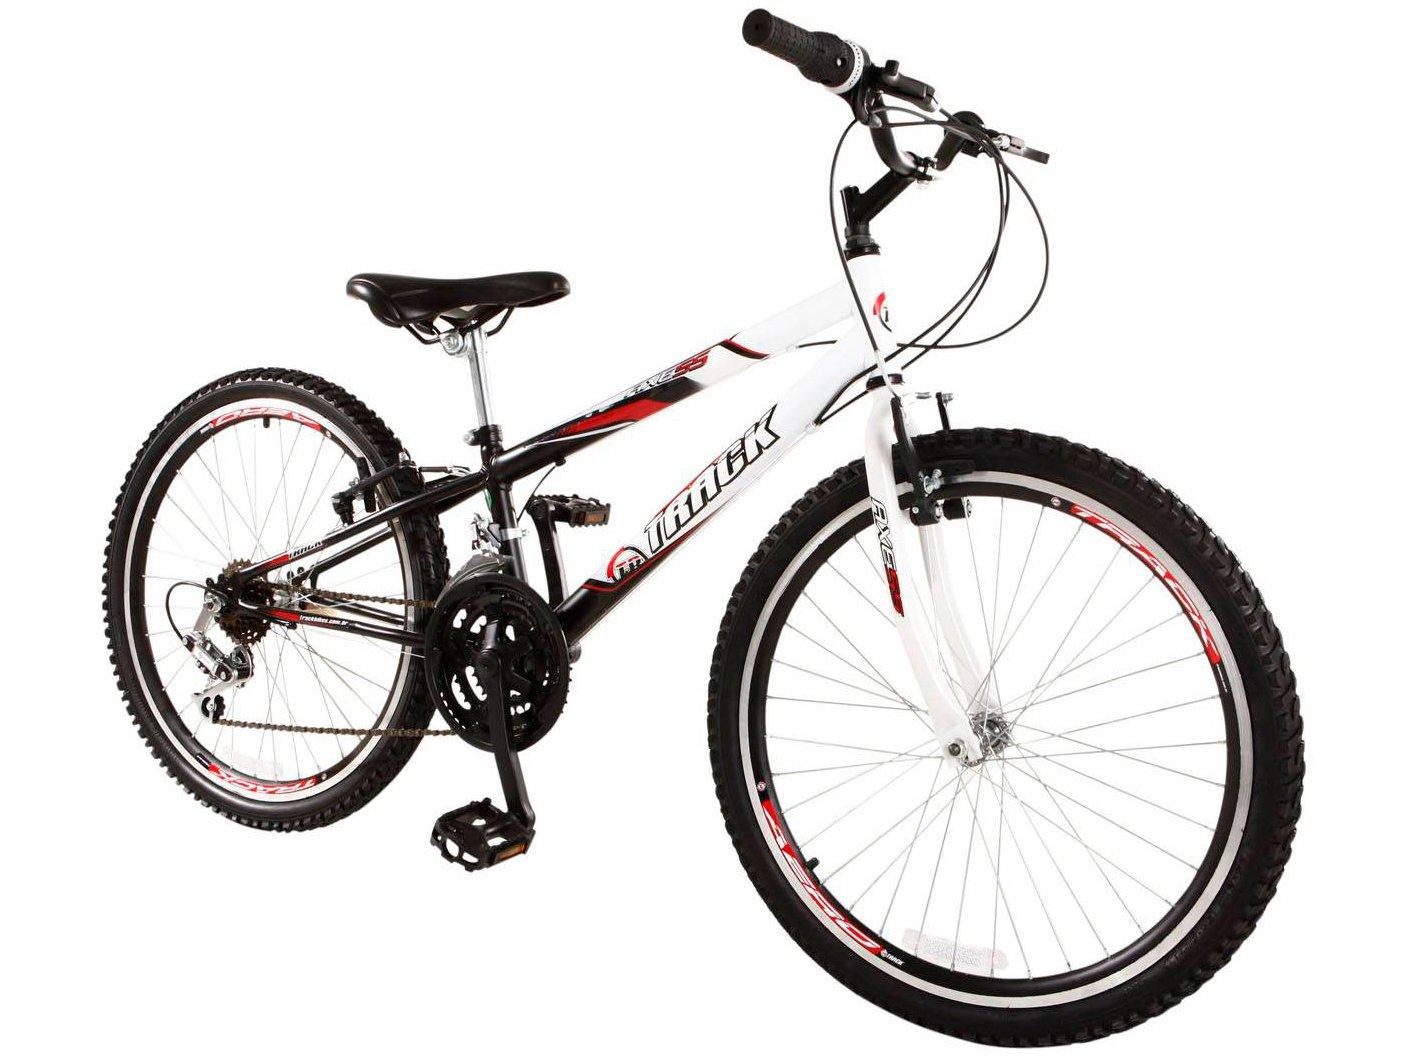 Bicicleta Track Bikes Axess - Aro 24 - 5